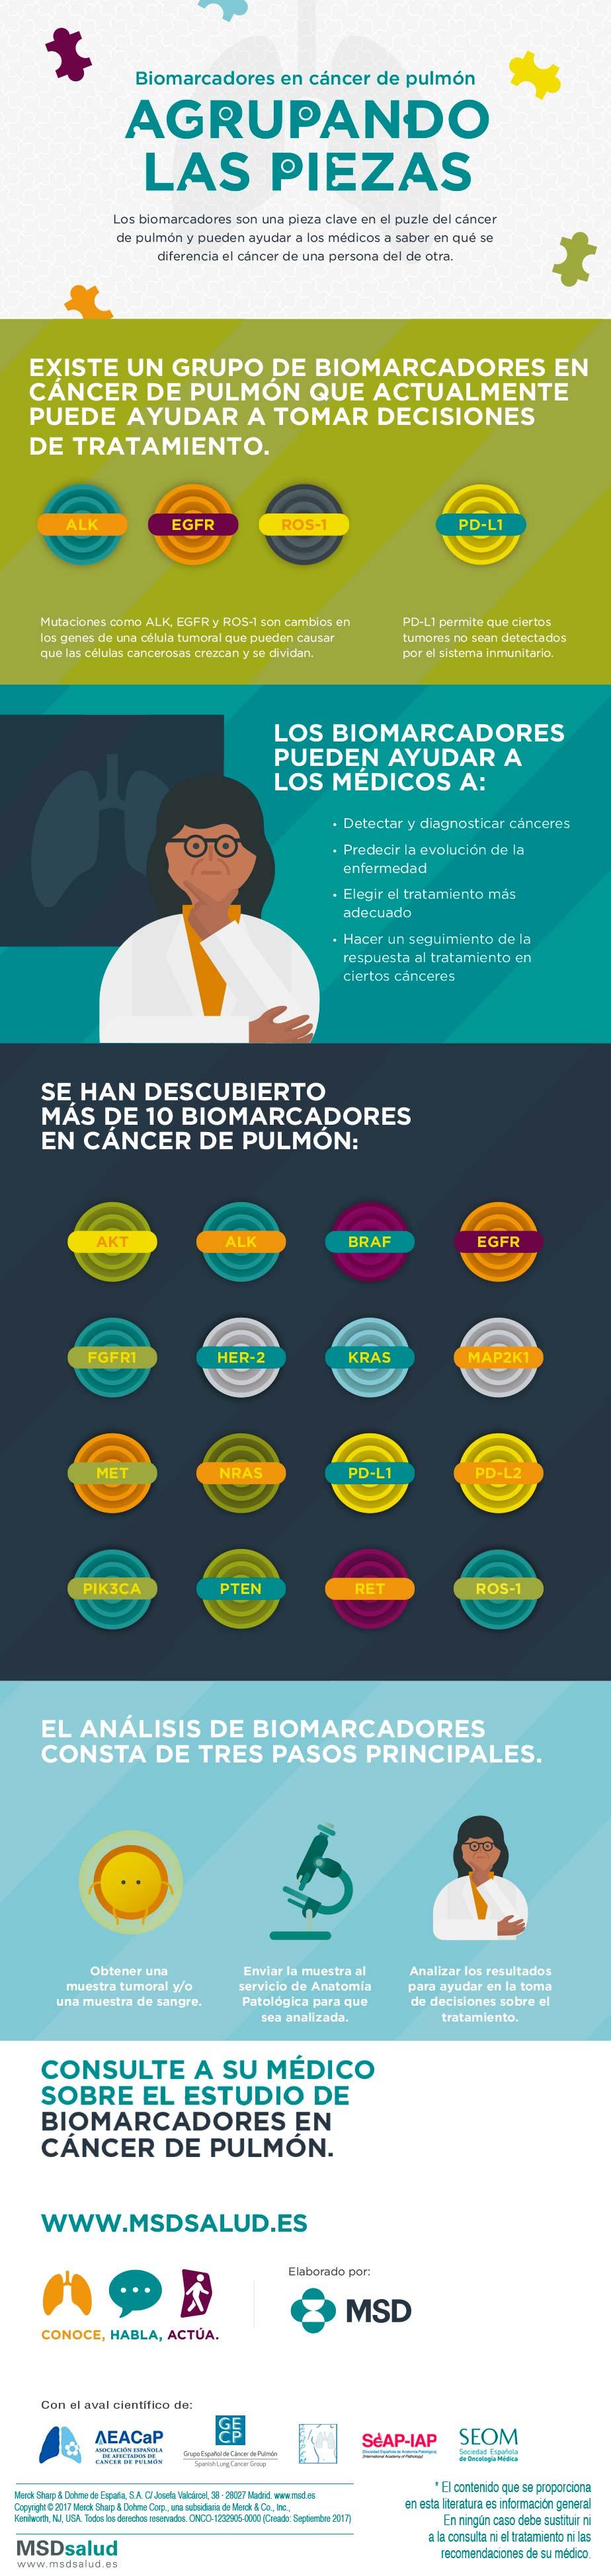 infografia-conoce-habla-actua